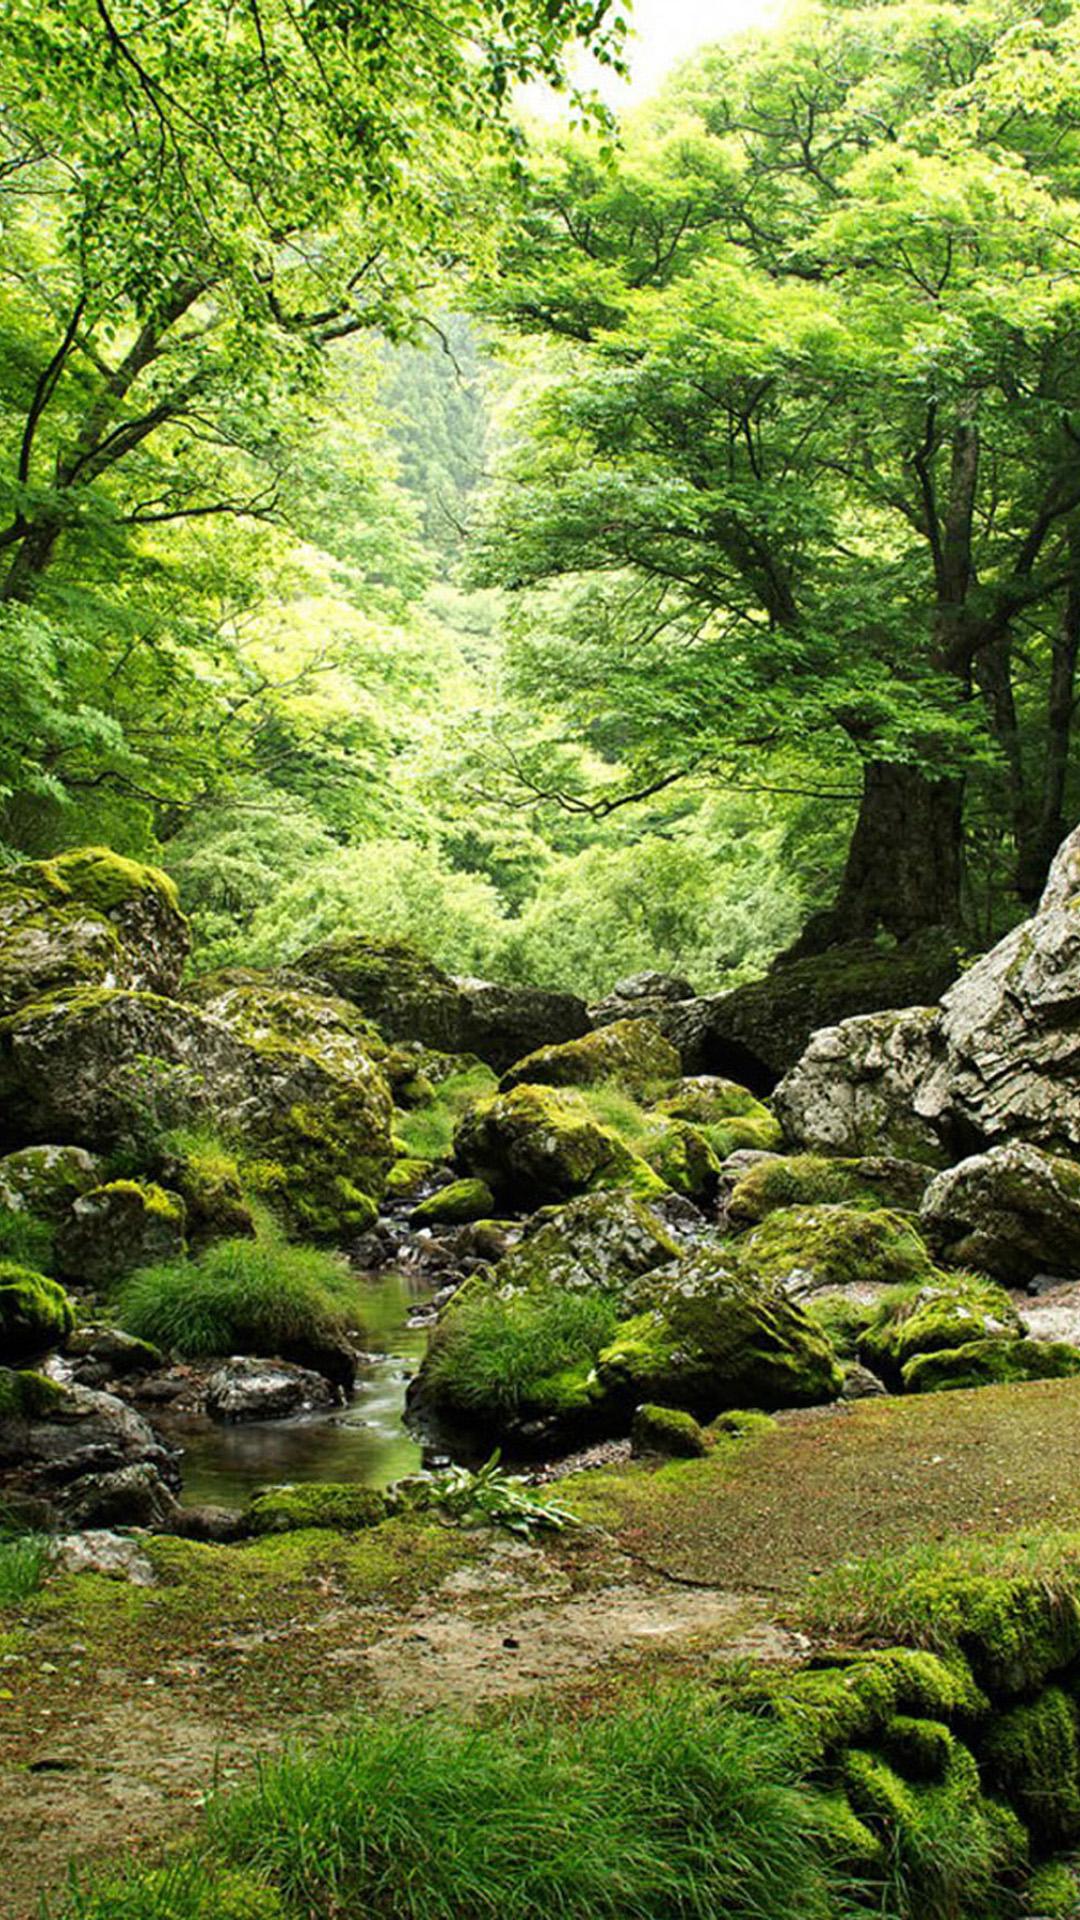 49+ iPhone 6 Plus Wallpaper Nature on WallpaperSafari